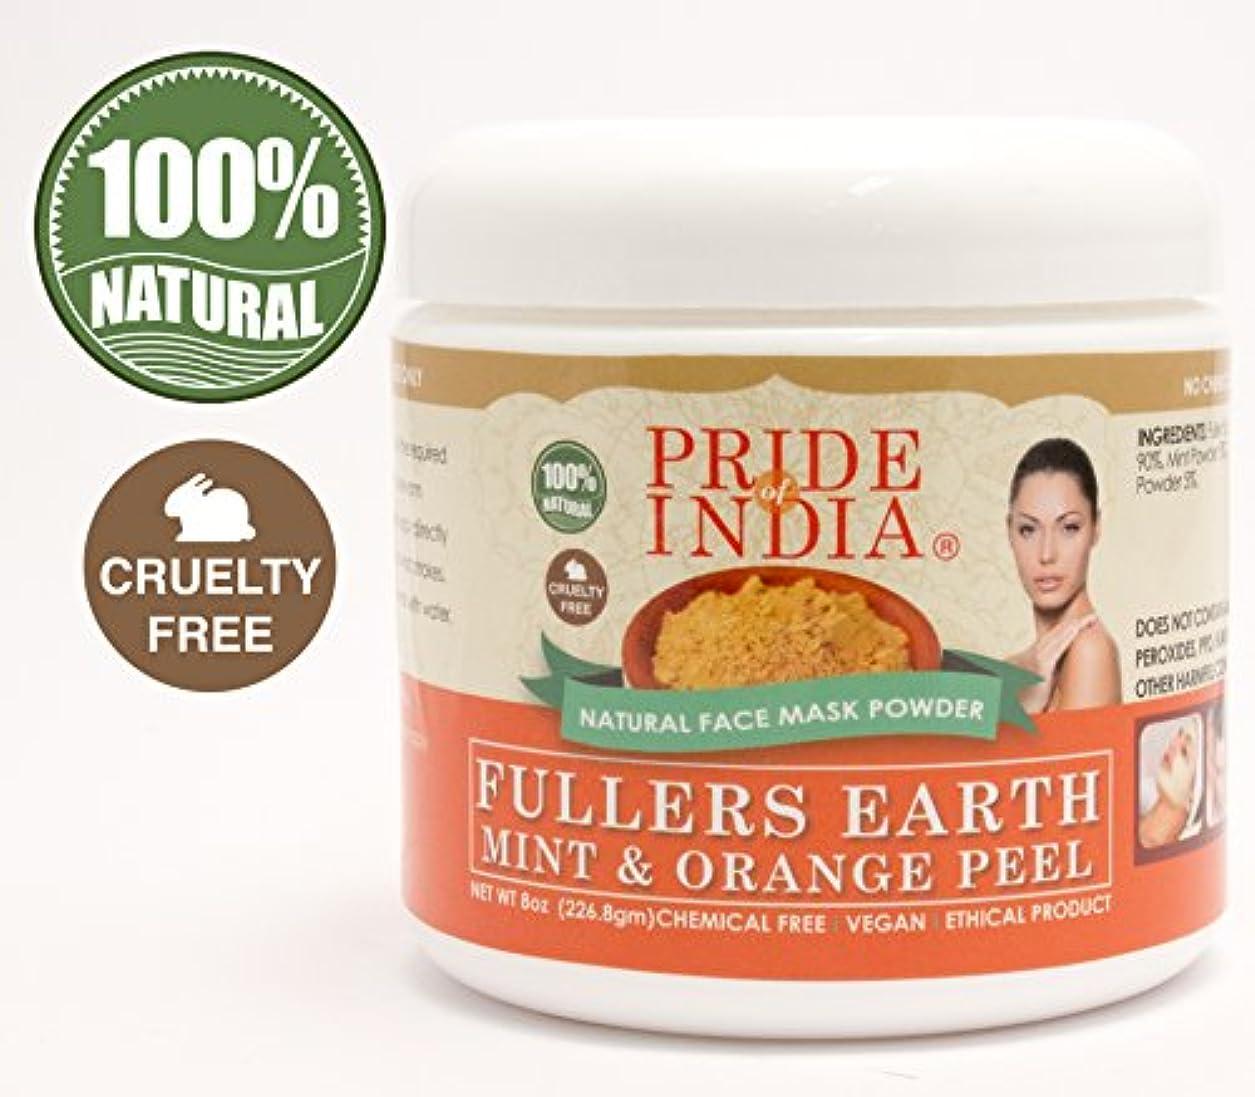 モード申し立て鉛Pride Of India/ミントとオレンジピール、半ポンドジャーワットフラー土ディープクレンジングインドの粘土治癒フェイスマスクパウダー、自然